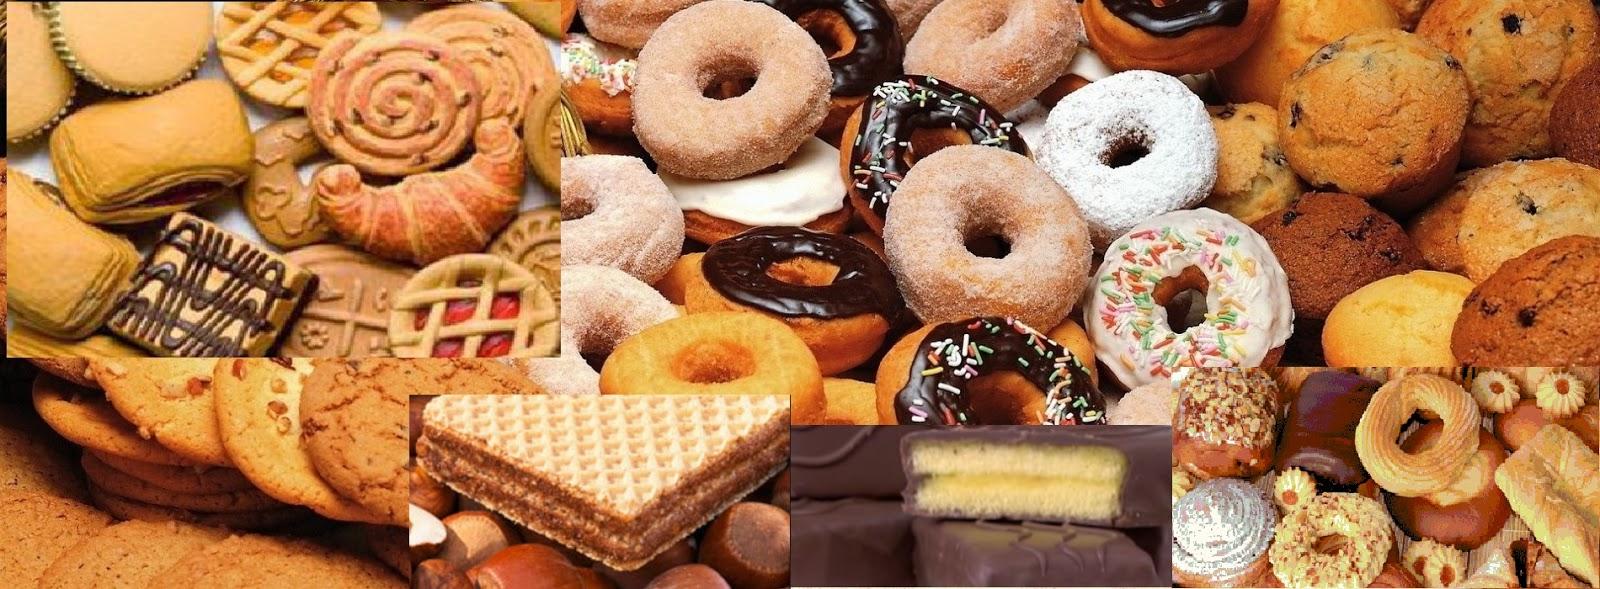 dieta settimanale a bassa istaminato